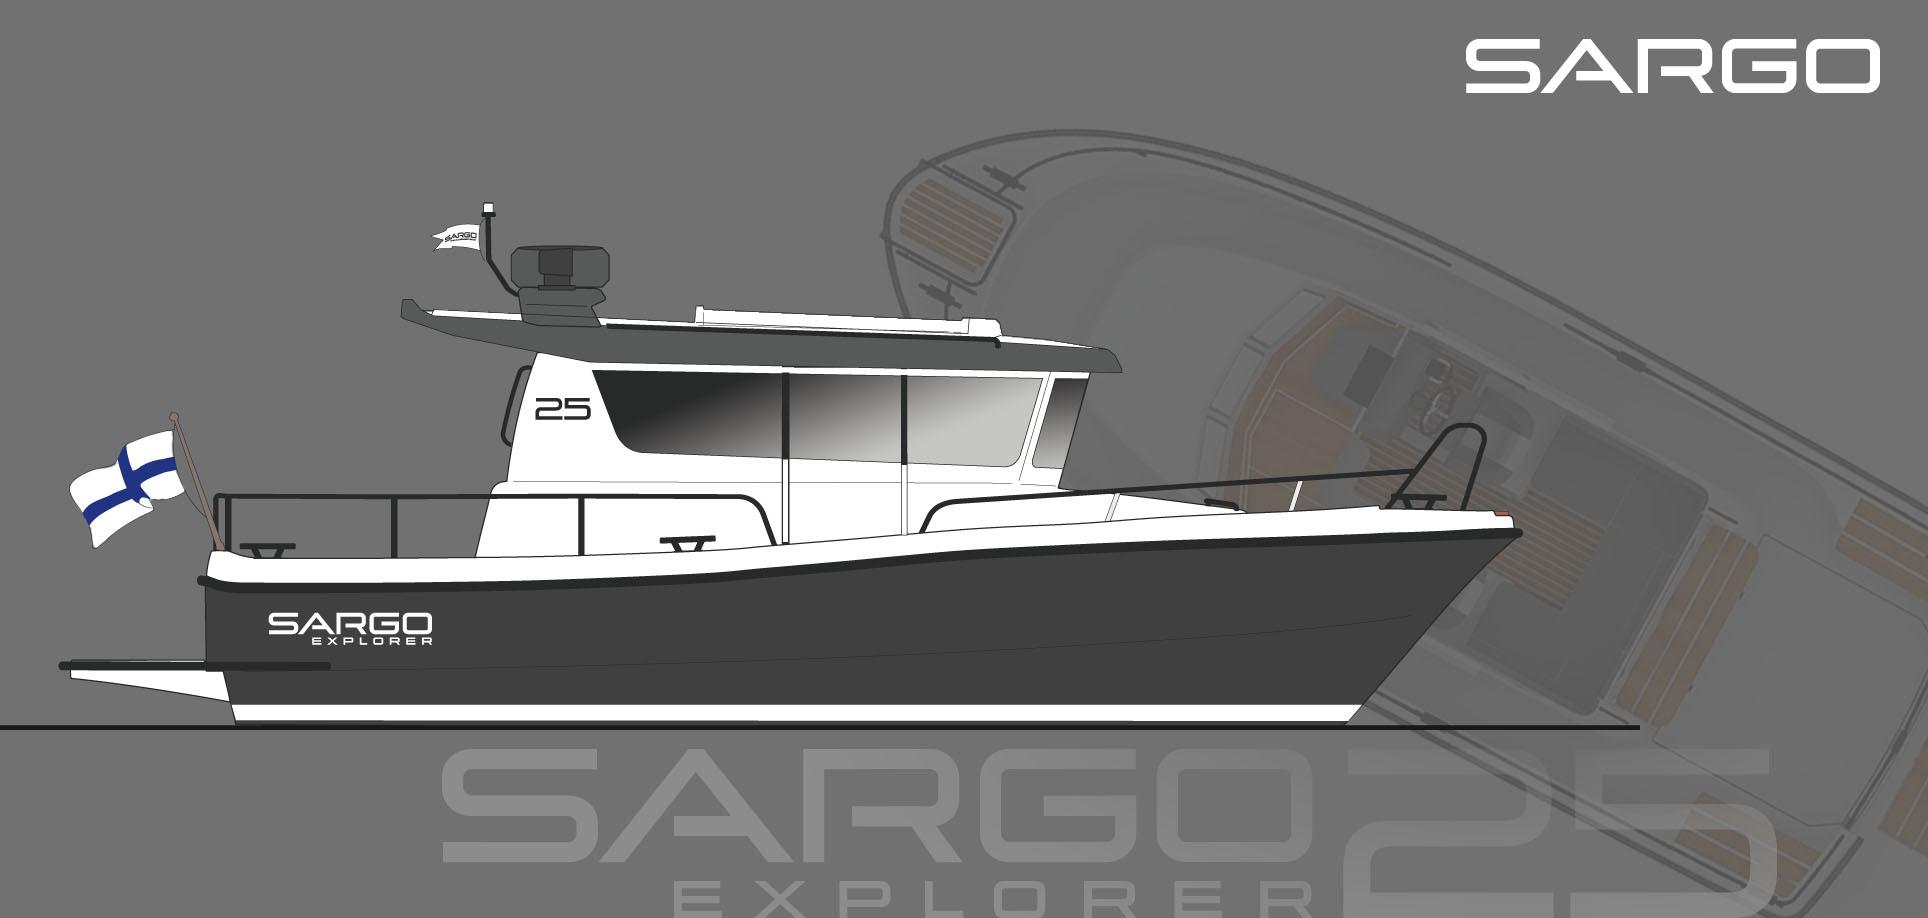 Sargo Explorer 25